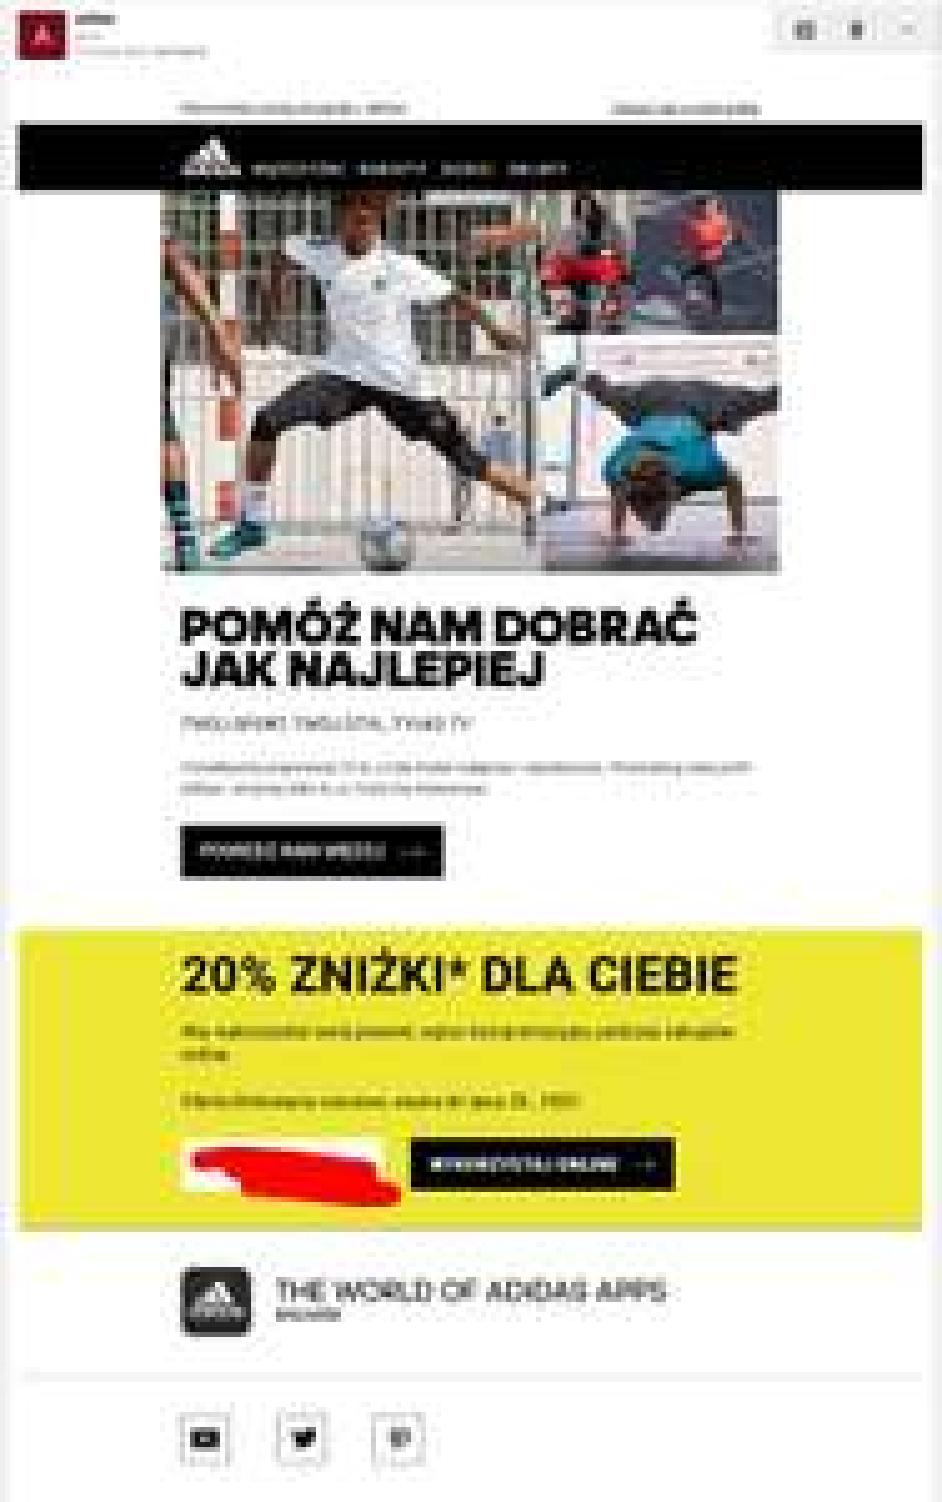 20% zniżki podczas zakupów online - Adidas